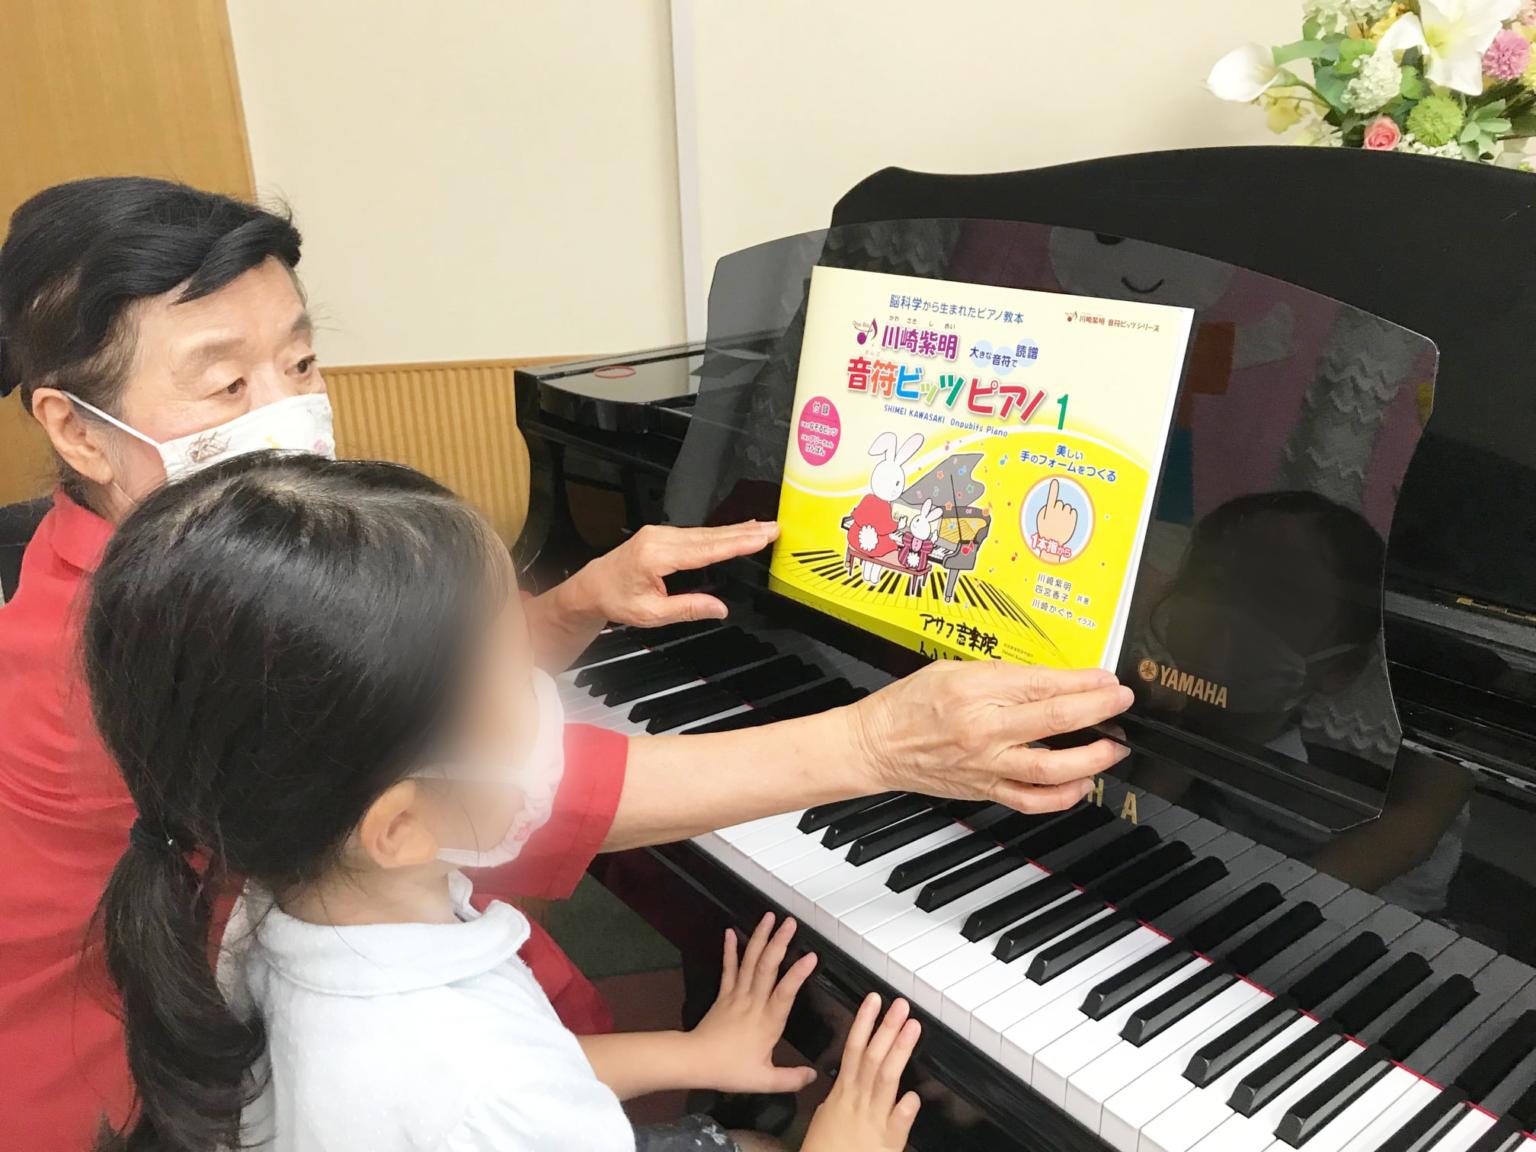 川崎紫明音符ビッツピアノ教本